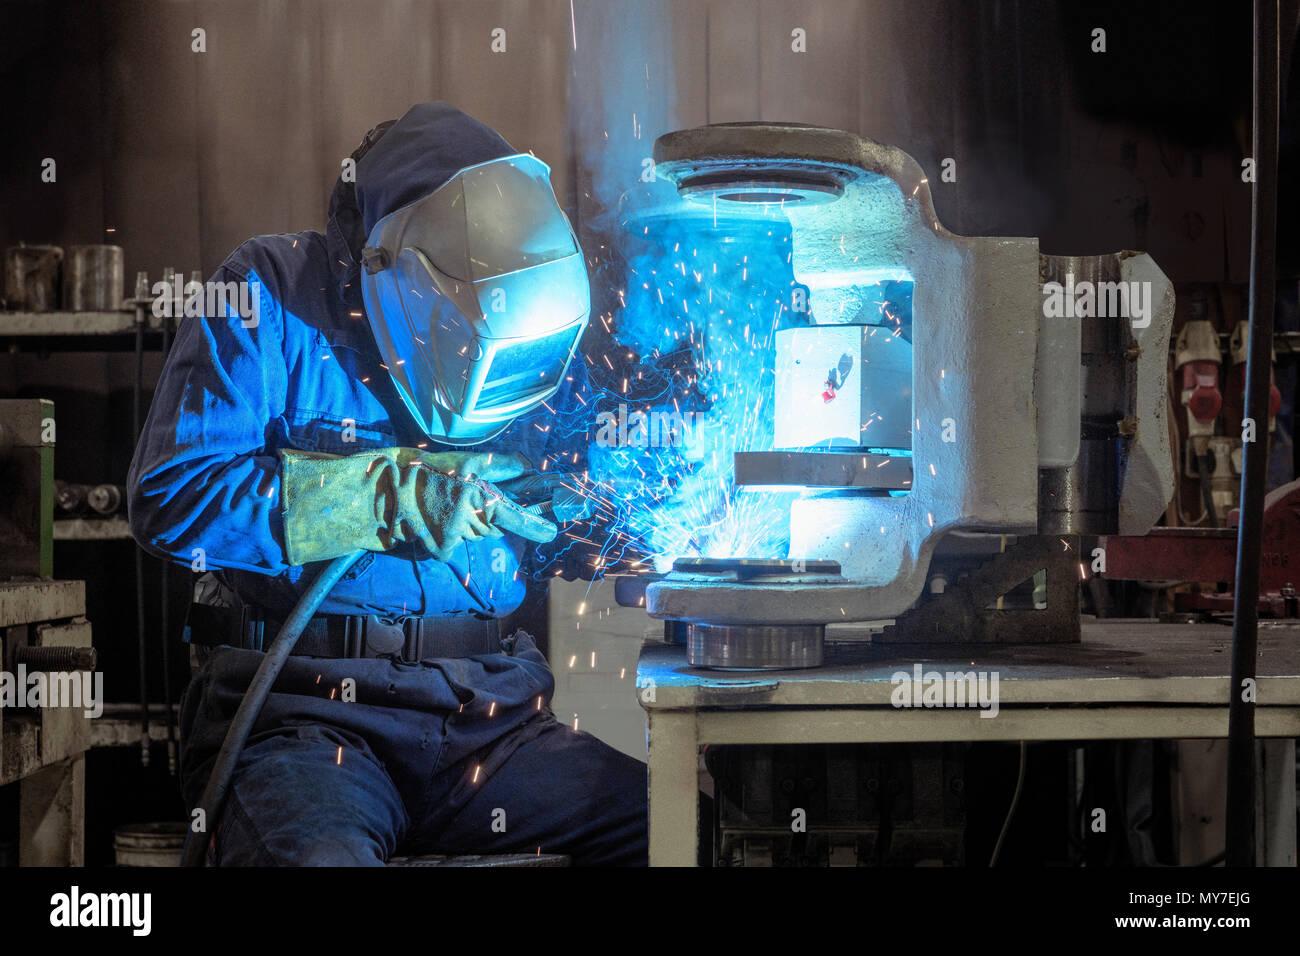 Saldatrice a lavorare nella fabbrica di ingegneria Immagini Stock